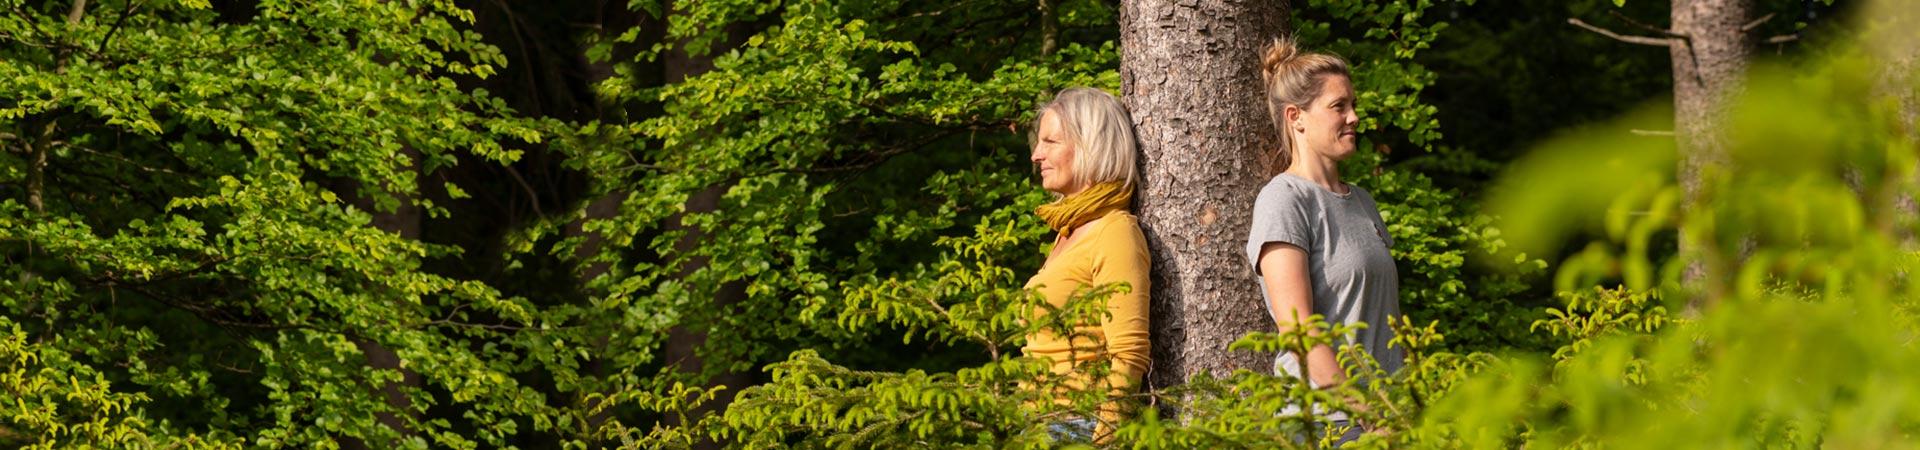 Waldbaden NAturkind Waldpädagogik für Erwachsene mit Sonja Schett - in der Ntur in Bayern nahe Salzburg im Raum Traunstein in der Nähe des Chiemsees